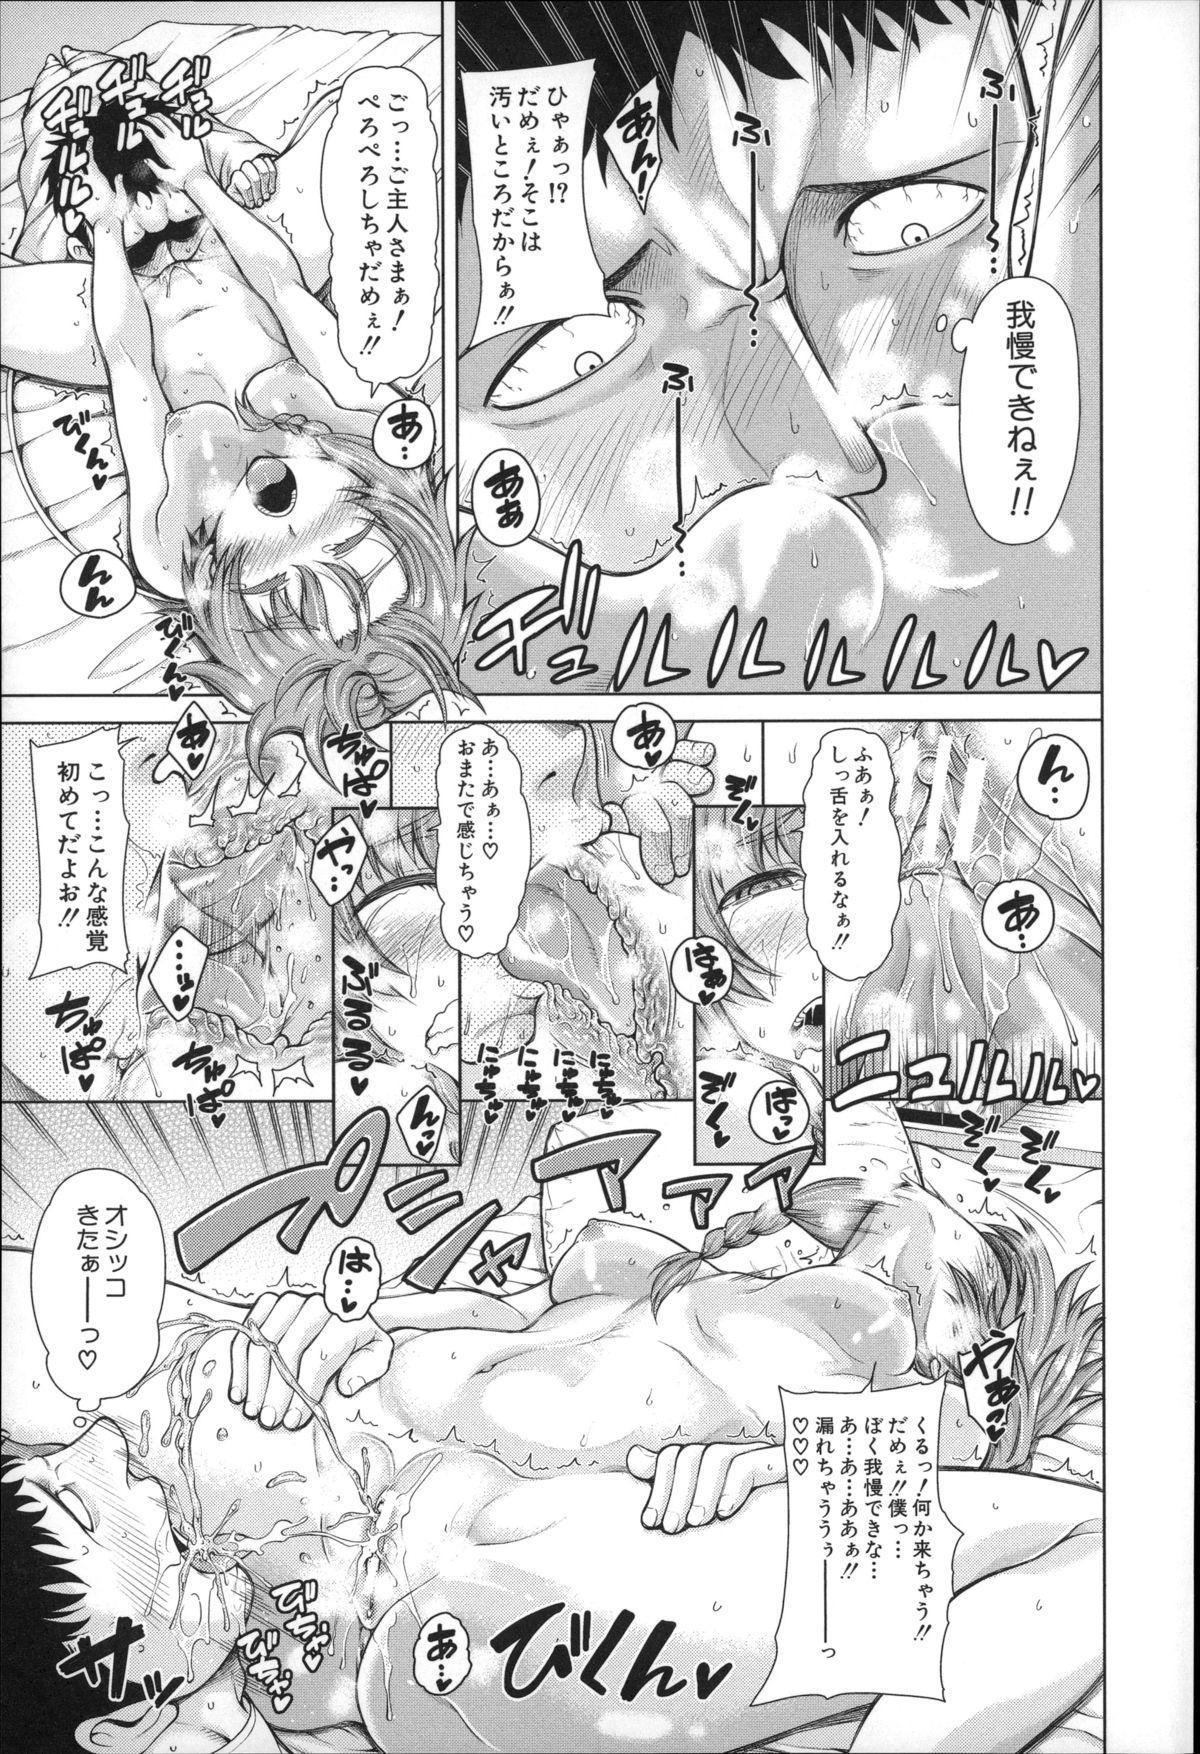 Migite ga Bishoujo ni Natta kara Sex Shita kedo Doutei dayone!! 13